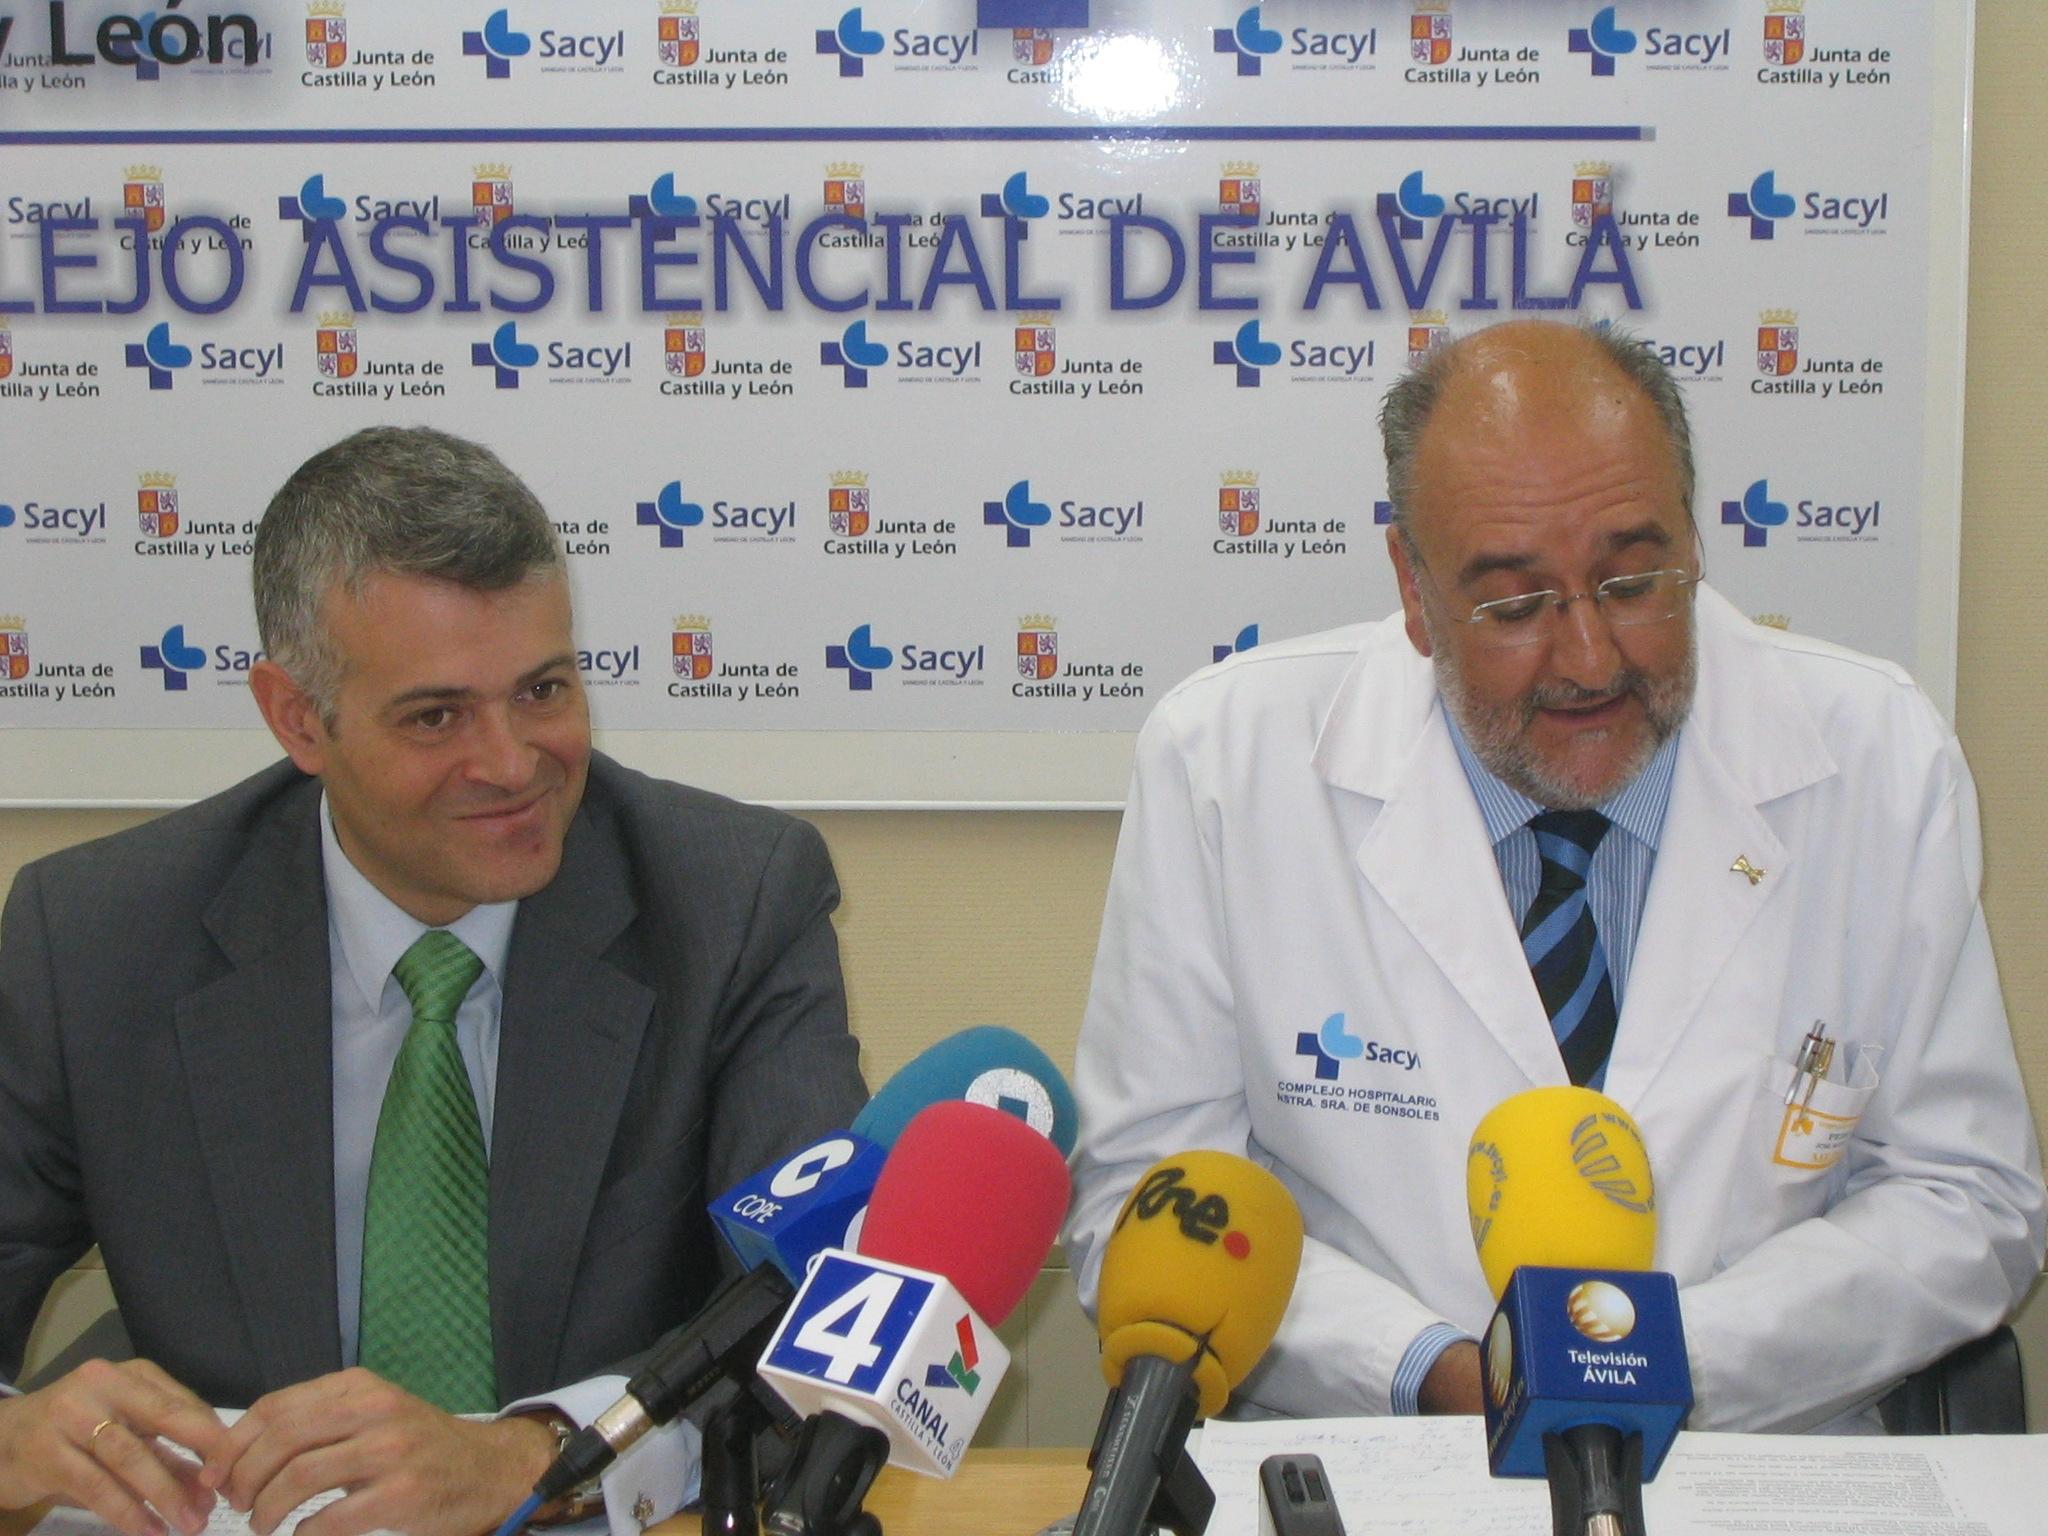 El delegado de la Junta en Ávila, Francisco José Sánchez, acompañado por el jefe de Pediatría, el doctor José María Maíllo.